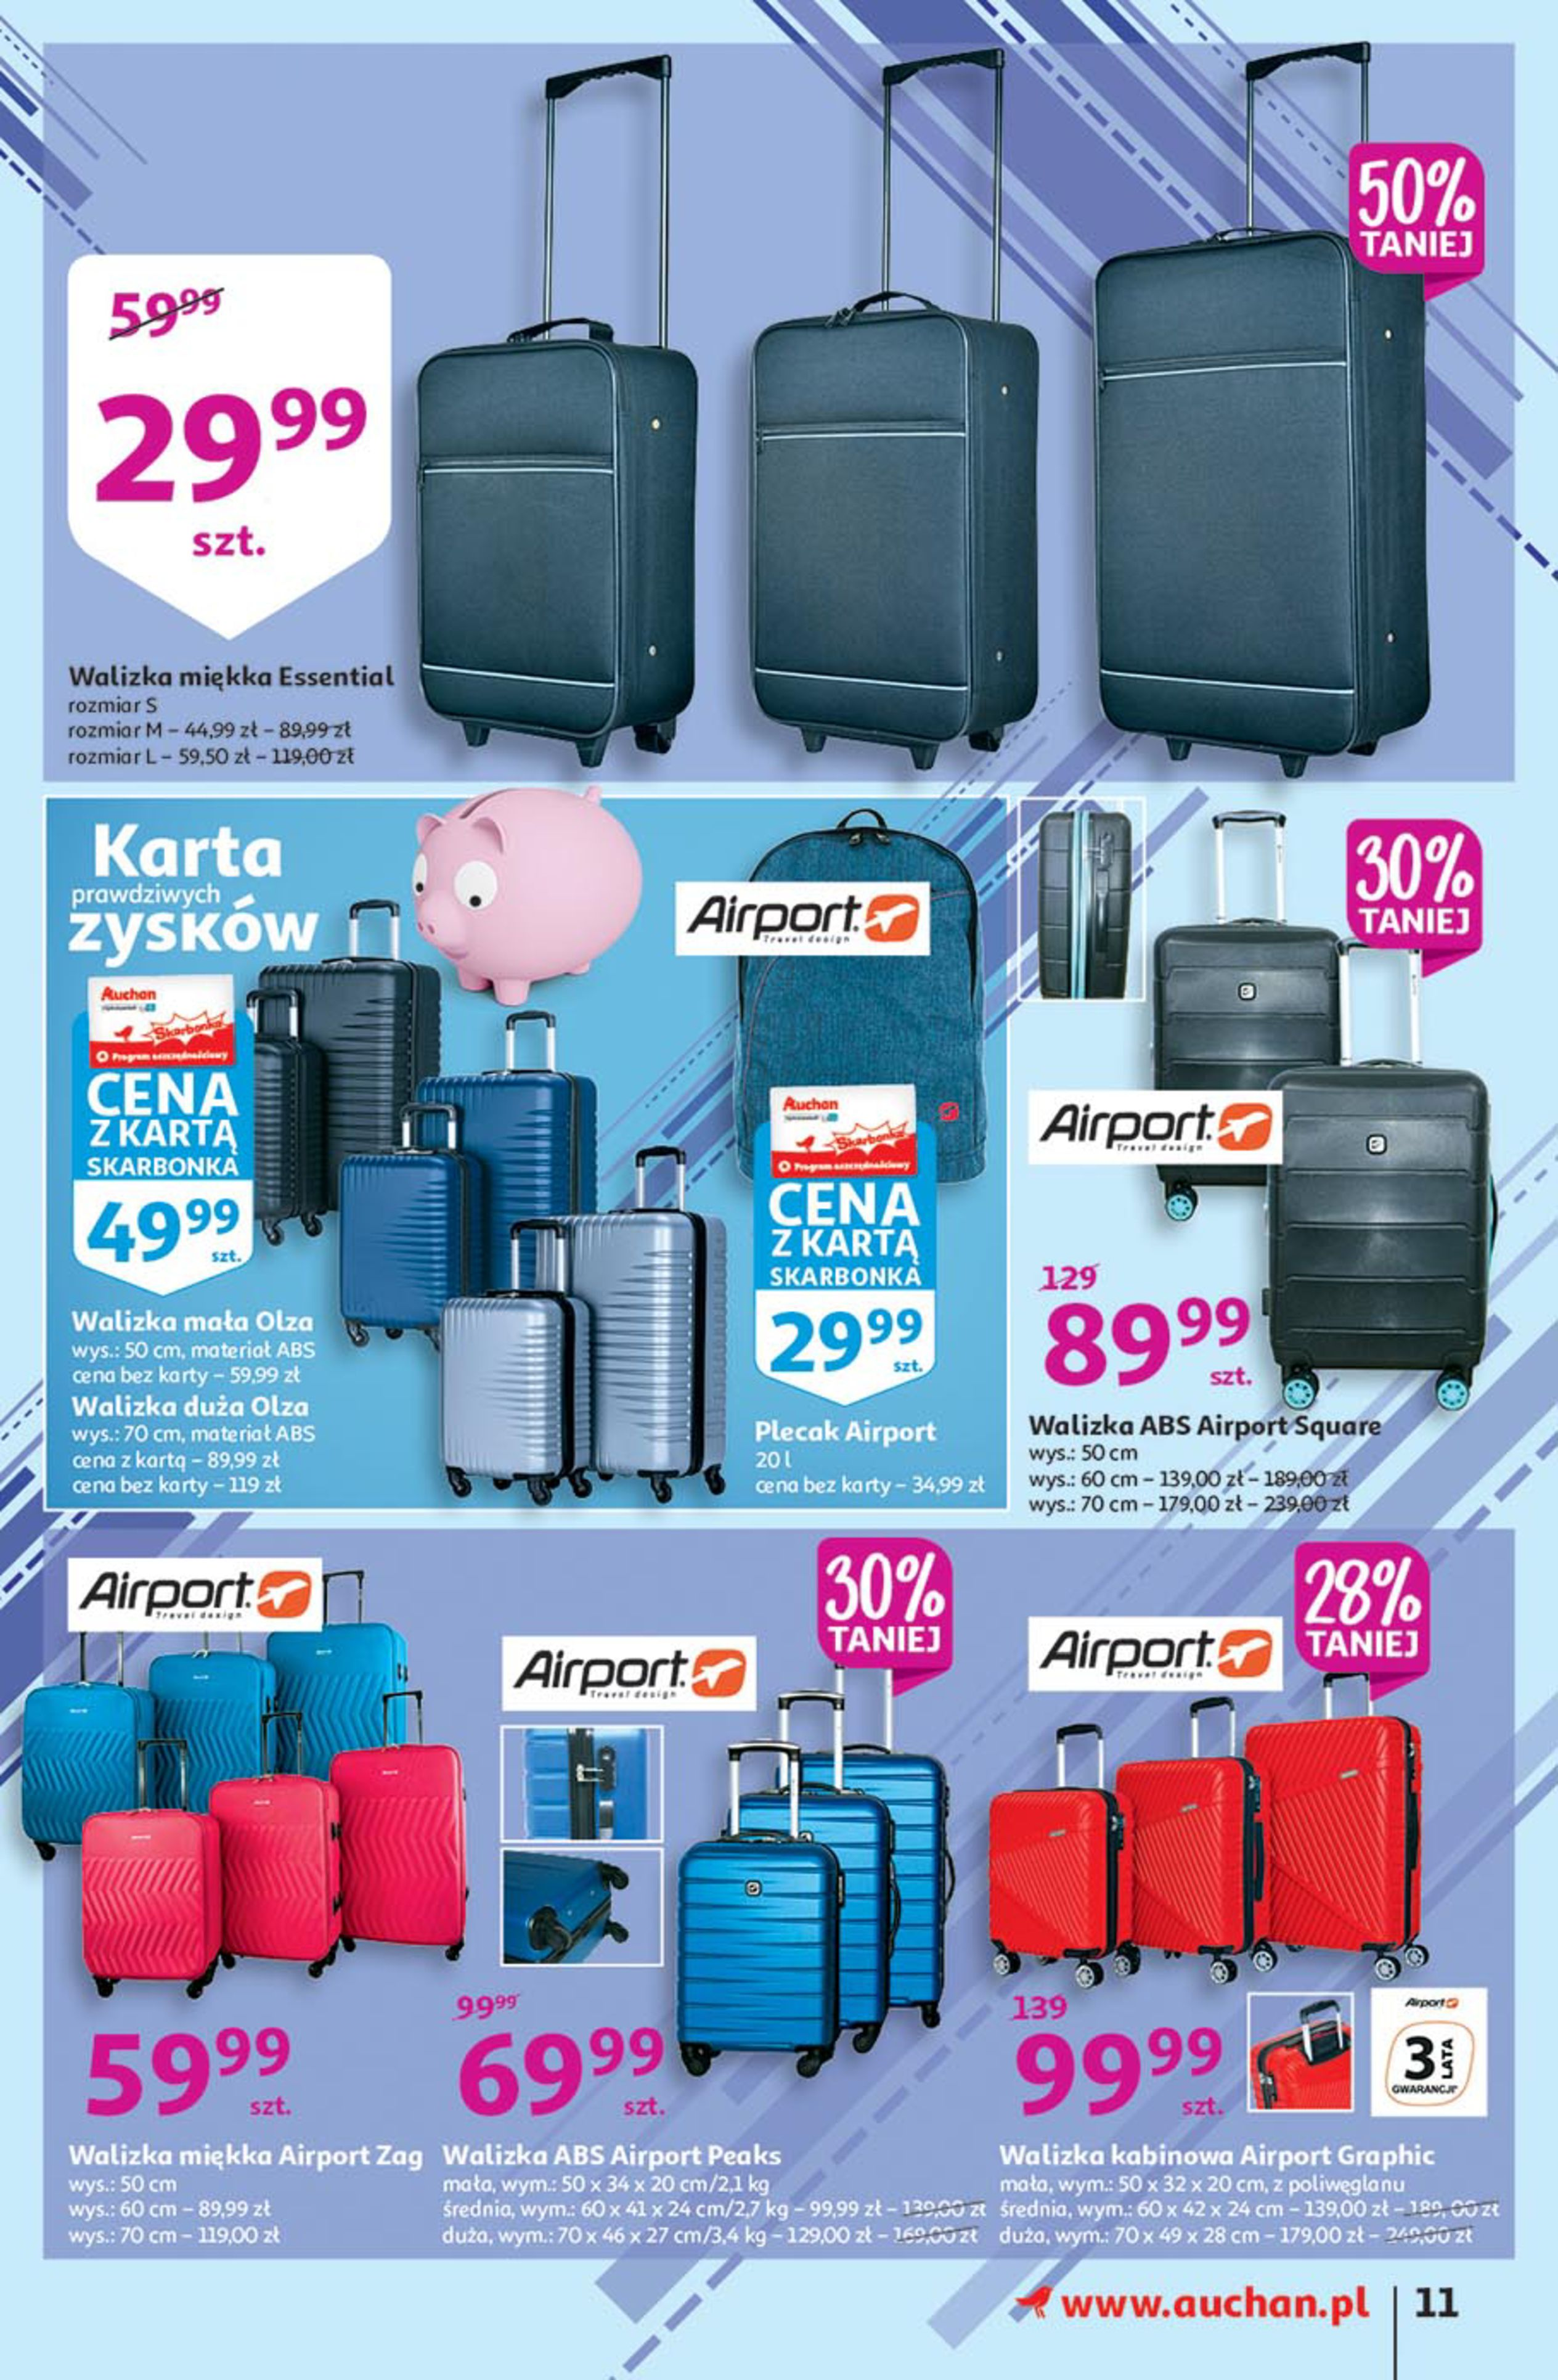 Gazetka Auchan: Gazetka Auchan - Euro 2020 2021-06-10 page-11